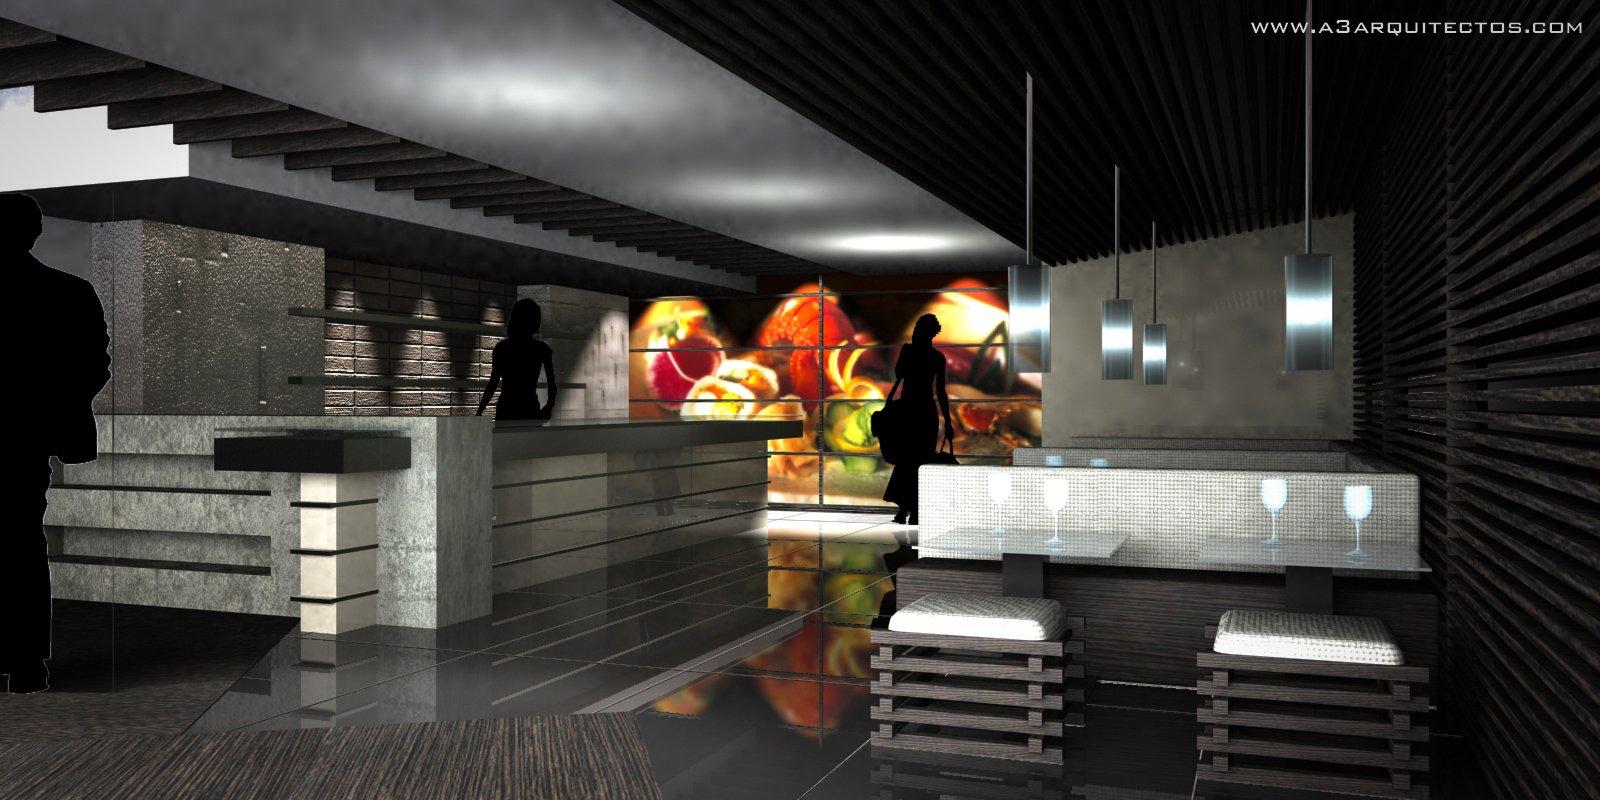 Proyecto-Estudio-Bar-A3-Arquitectos-Quito-Ecuador-1